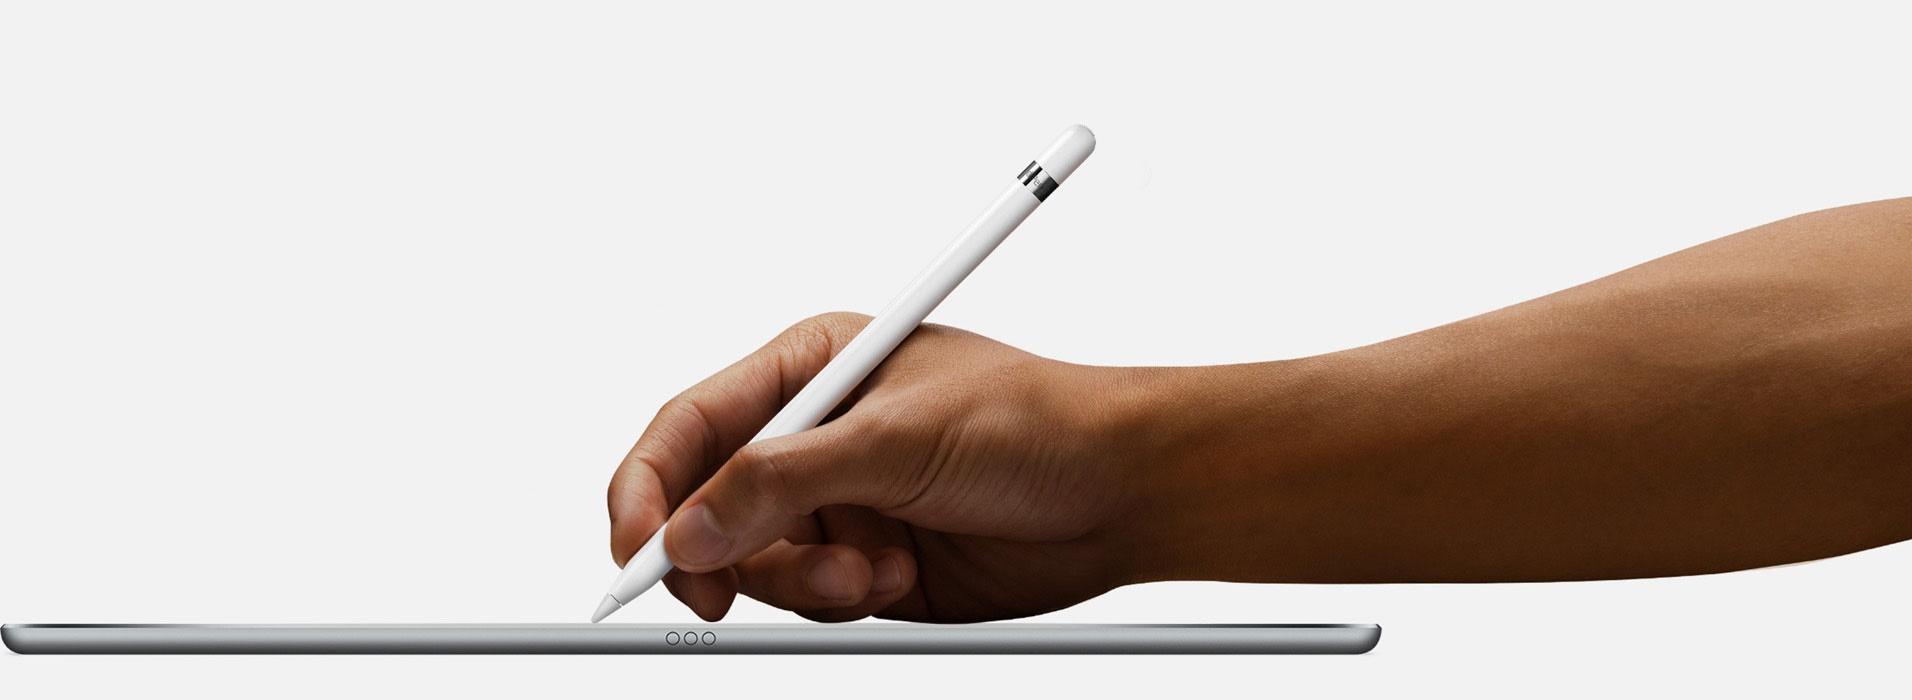 تبلت جدید اپل چه ویژگیهایی دارد؟/همکاری لاجیتک با اپل در ساخت کیبورد آی پد پرو تبلت جدید اپل چه ویژگیهایی دارد؟/همکاری لاجیتک با اپل در ساخت کیبورد آی پد پرو 15 9 10 105423apple pencil large